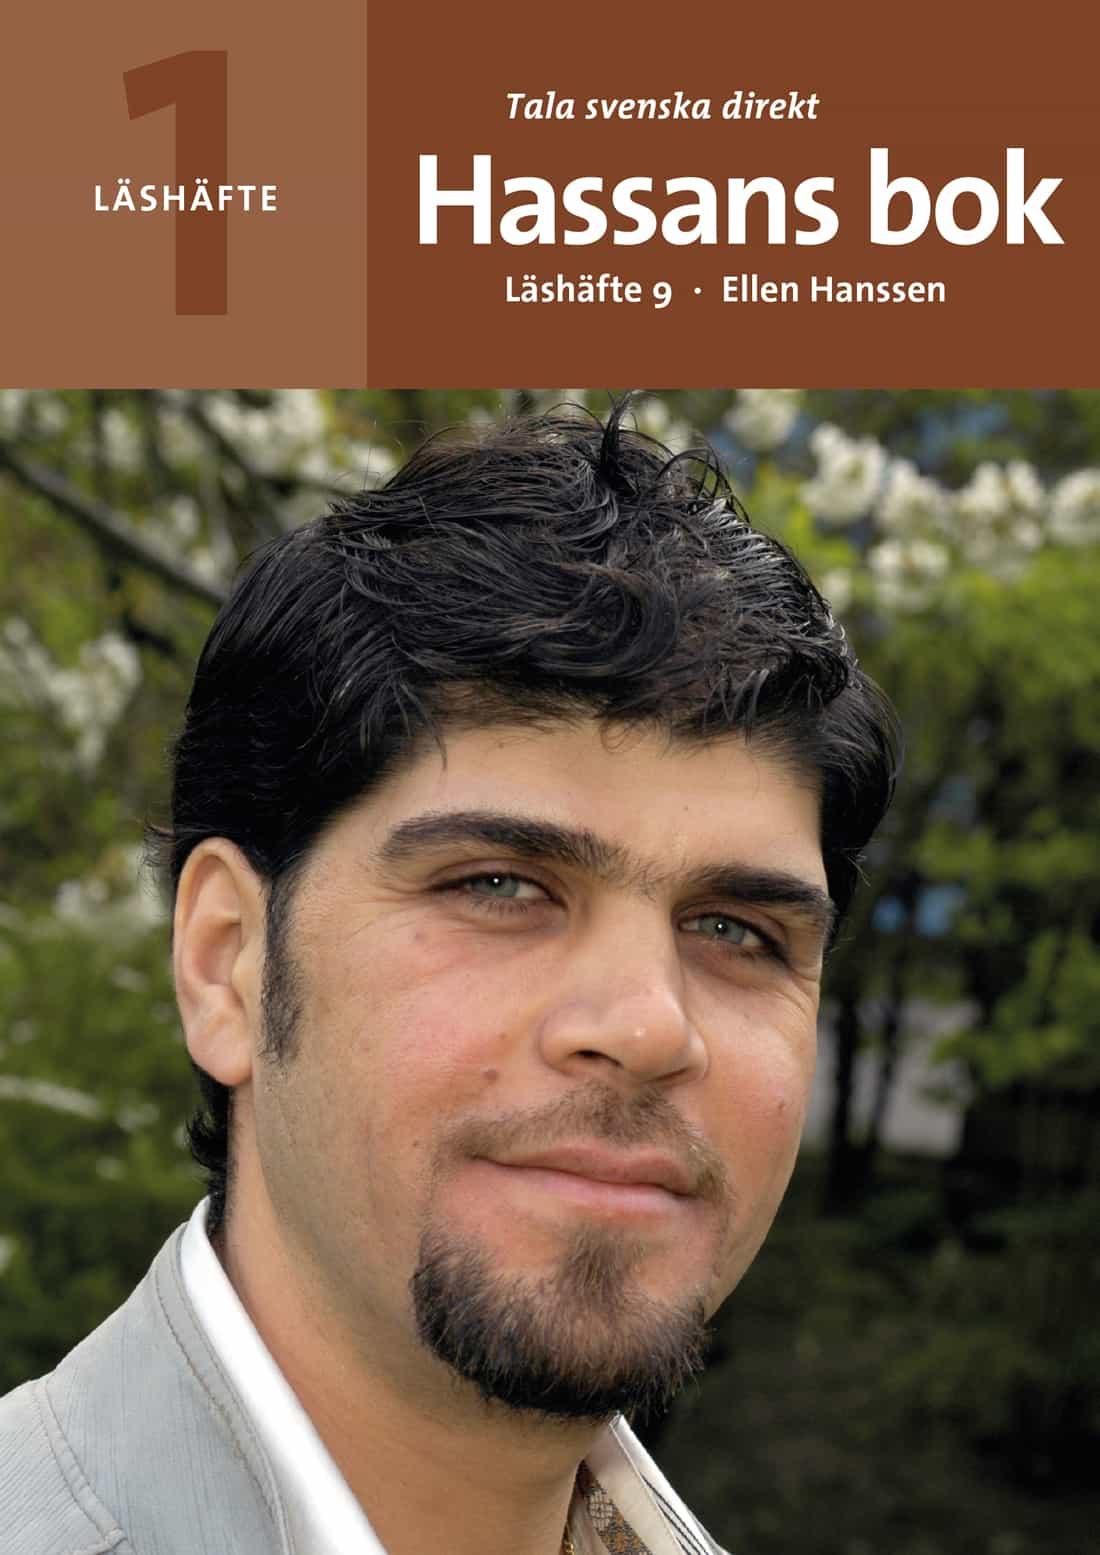 Hassans bok – läshäfte 9